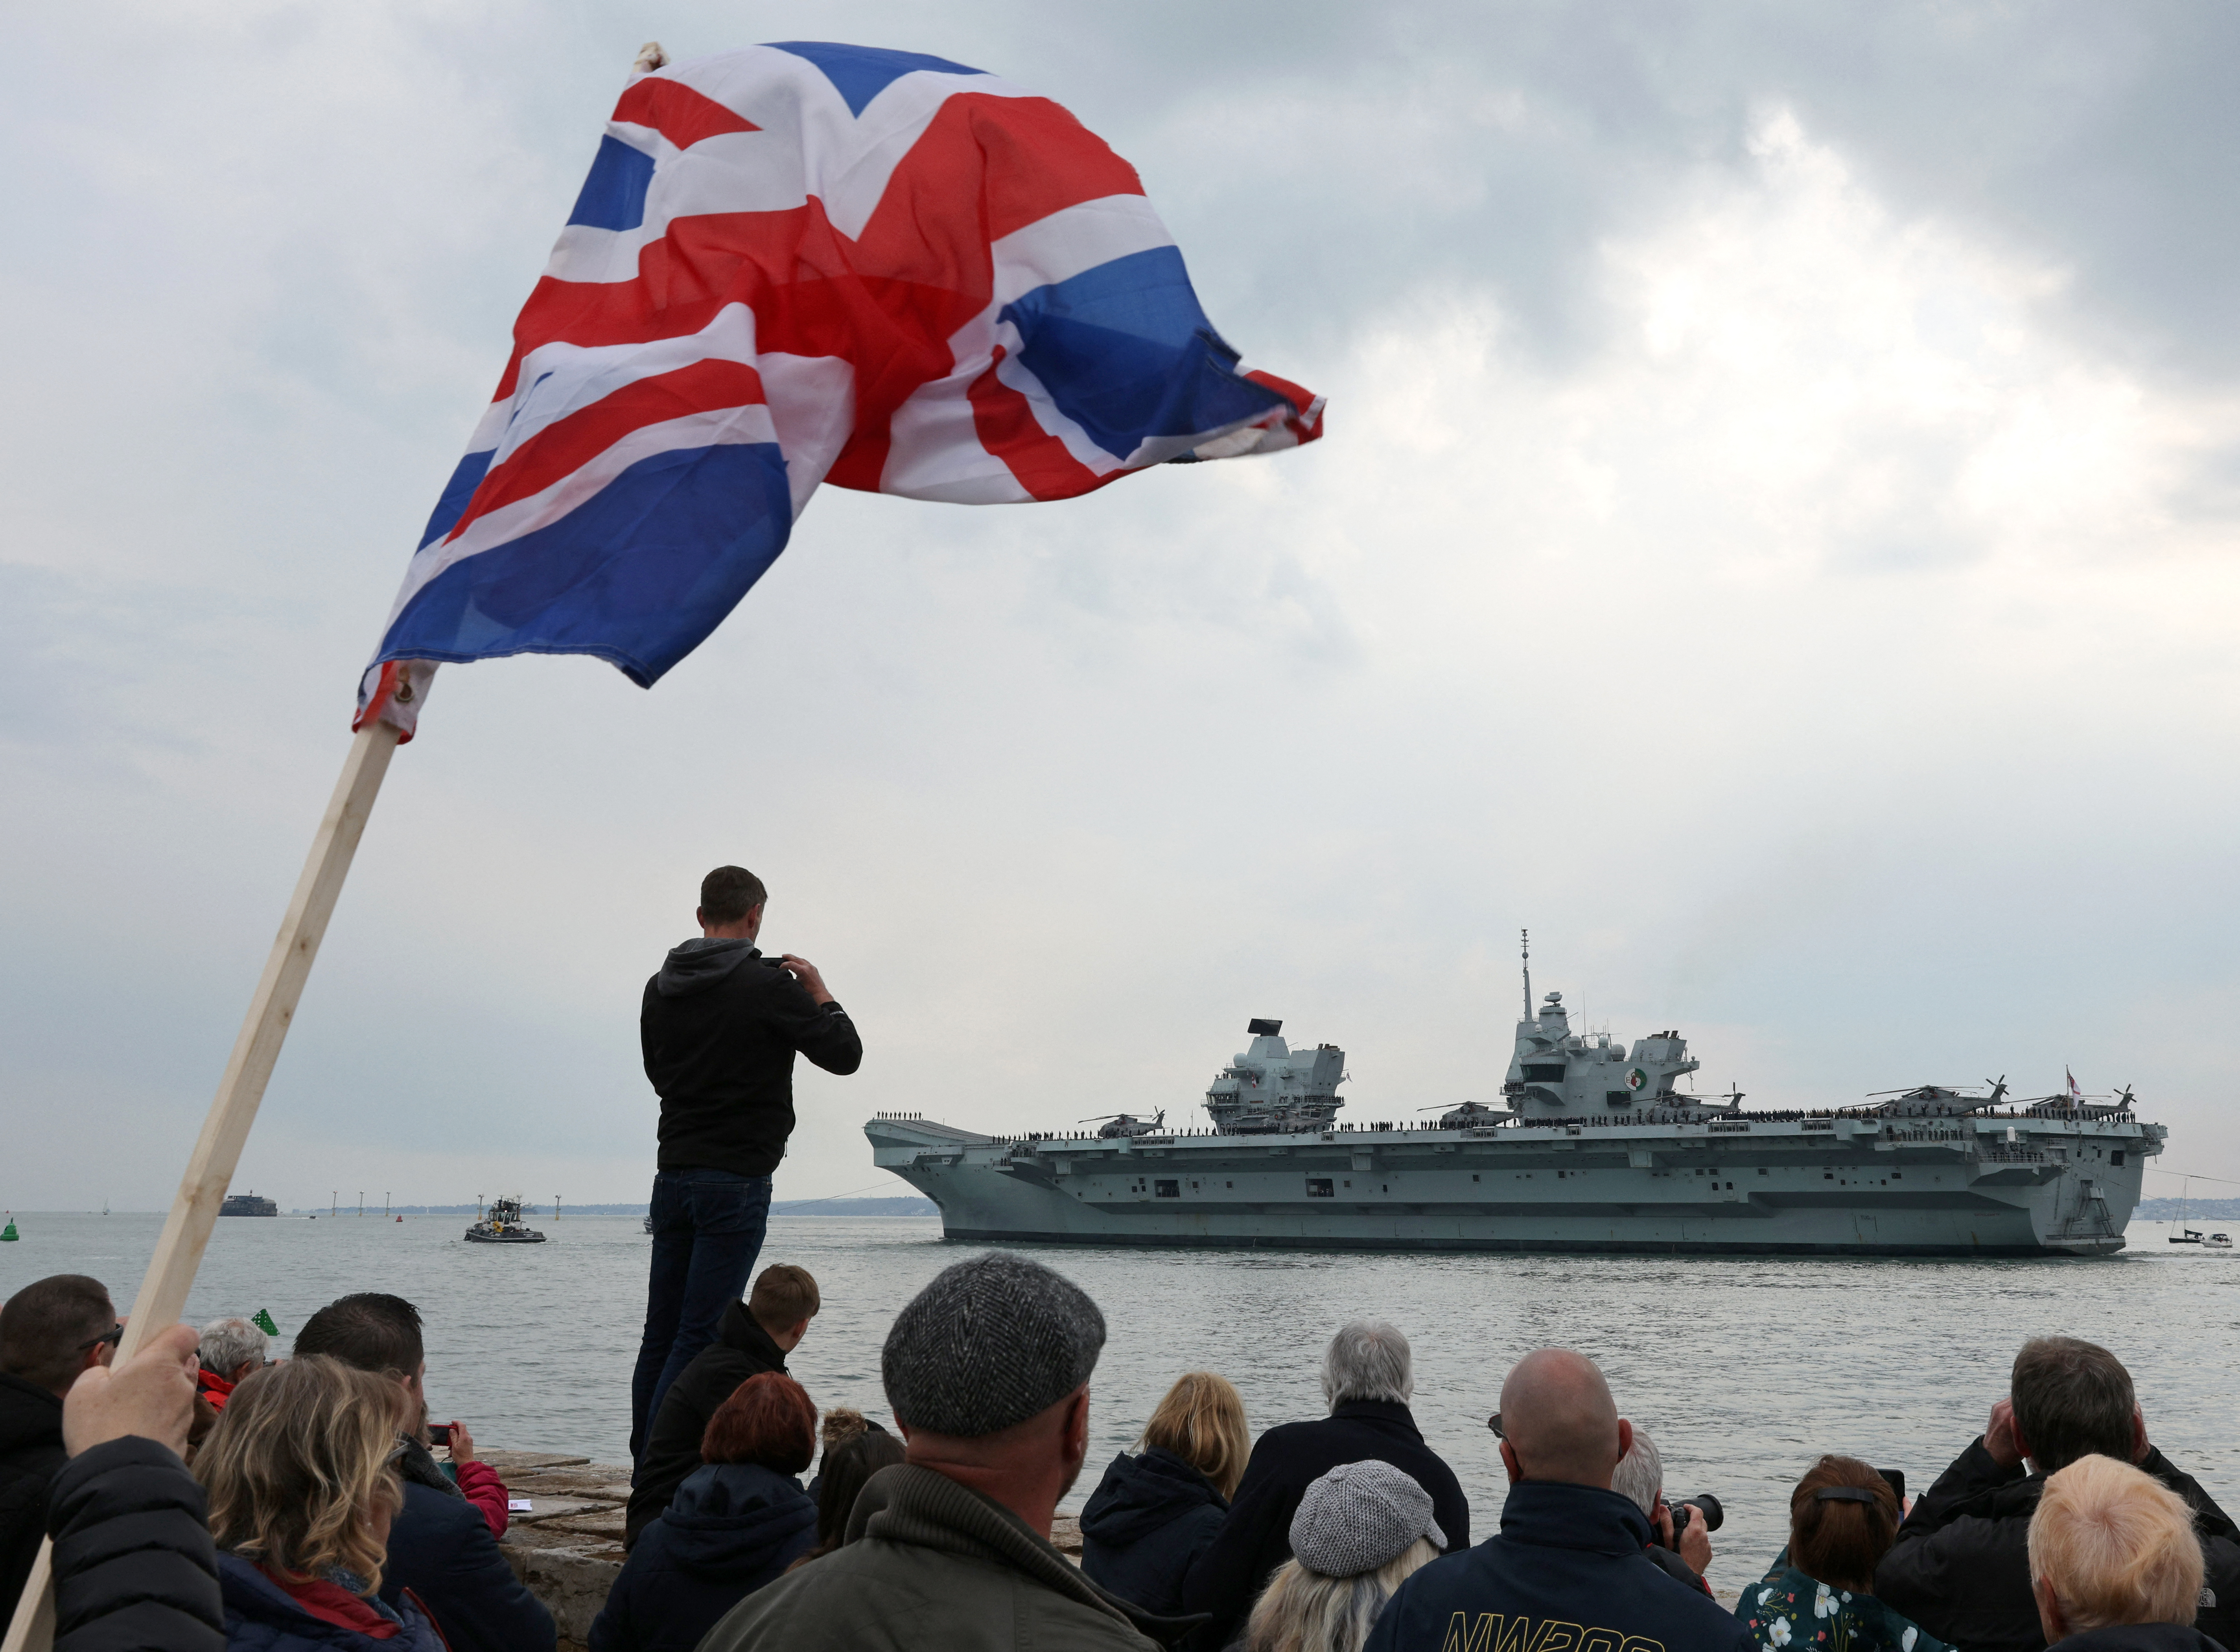 Franciaország nem tudja magát túltenni a tengeralattjáró-ügyön: visszahívta a washingtoni és a canberrai nagykövetét